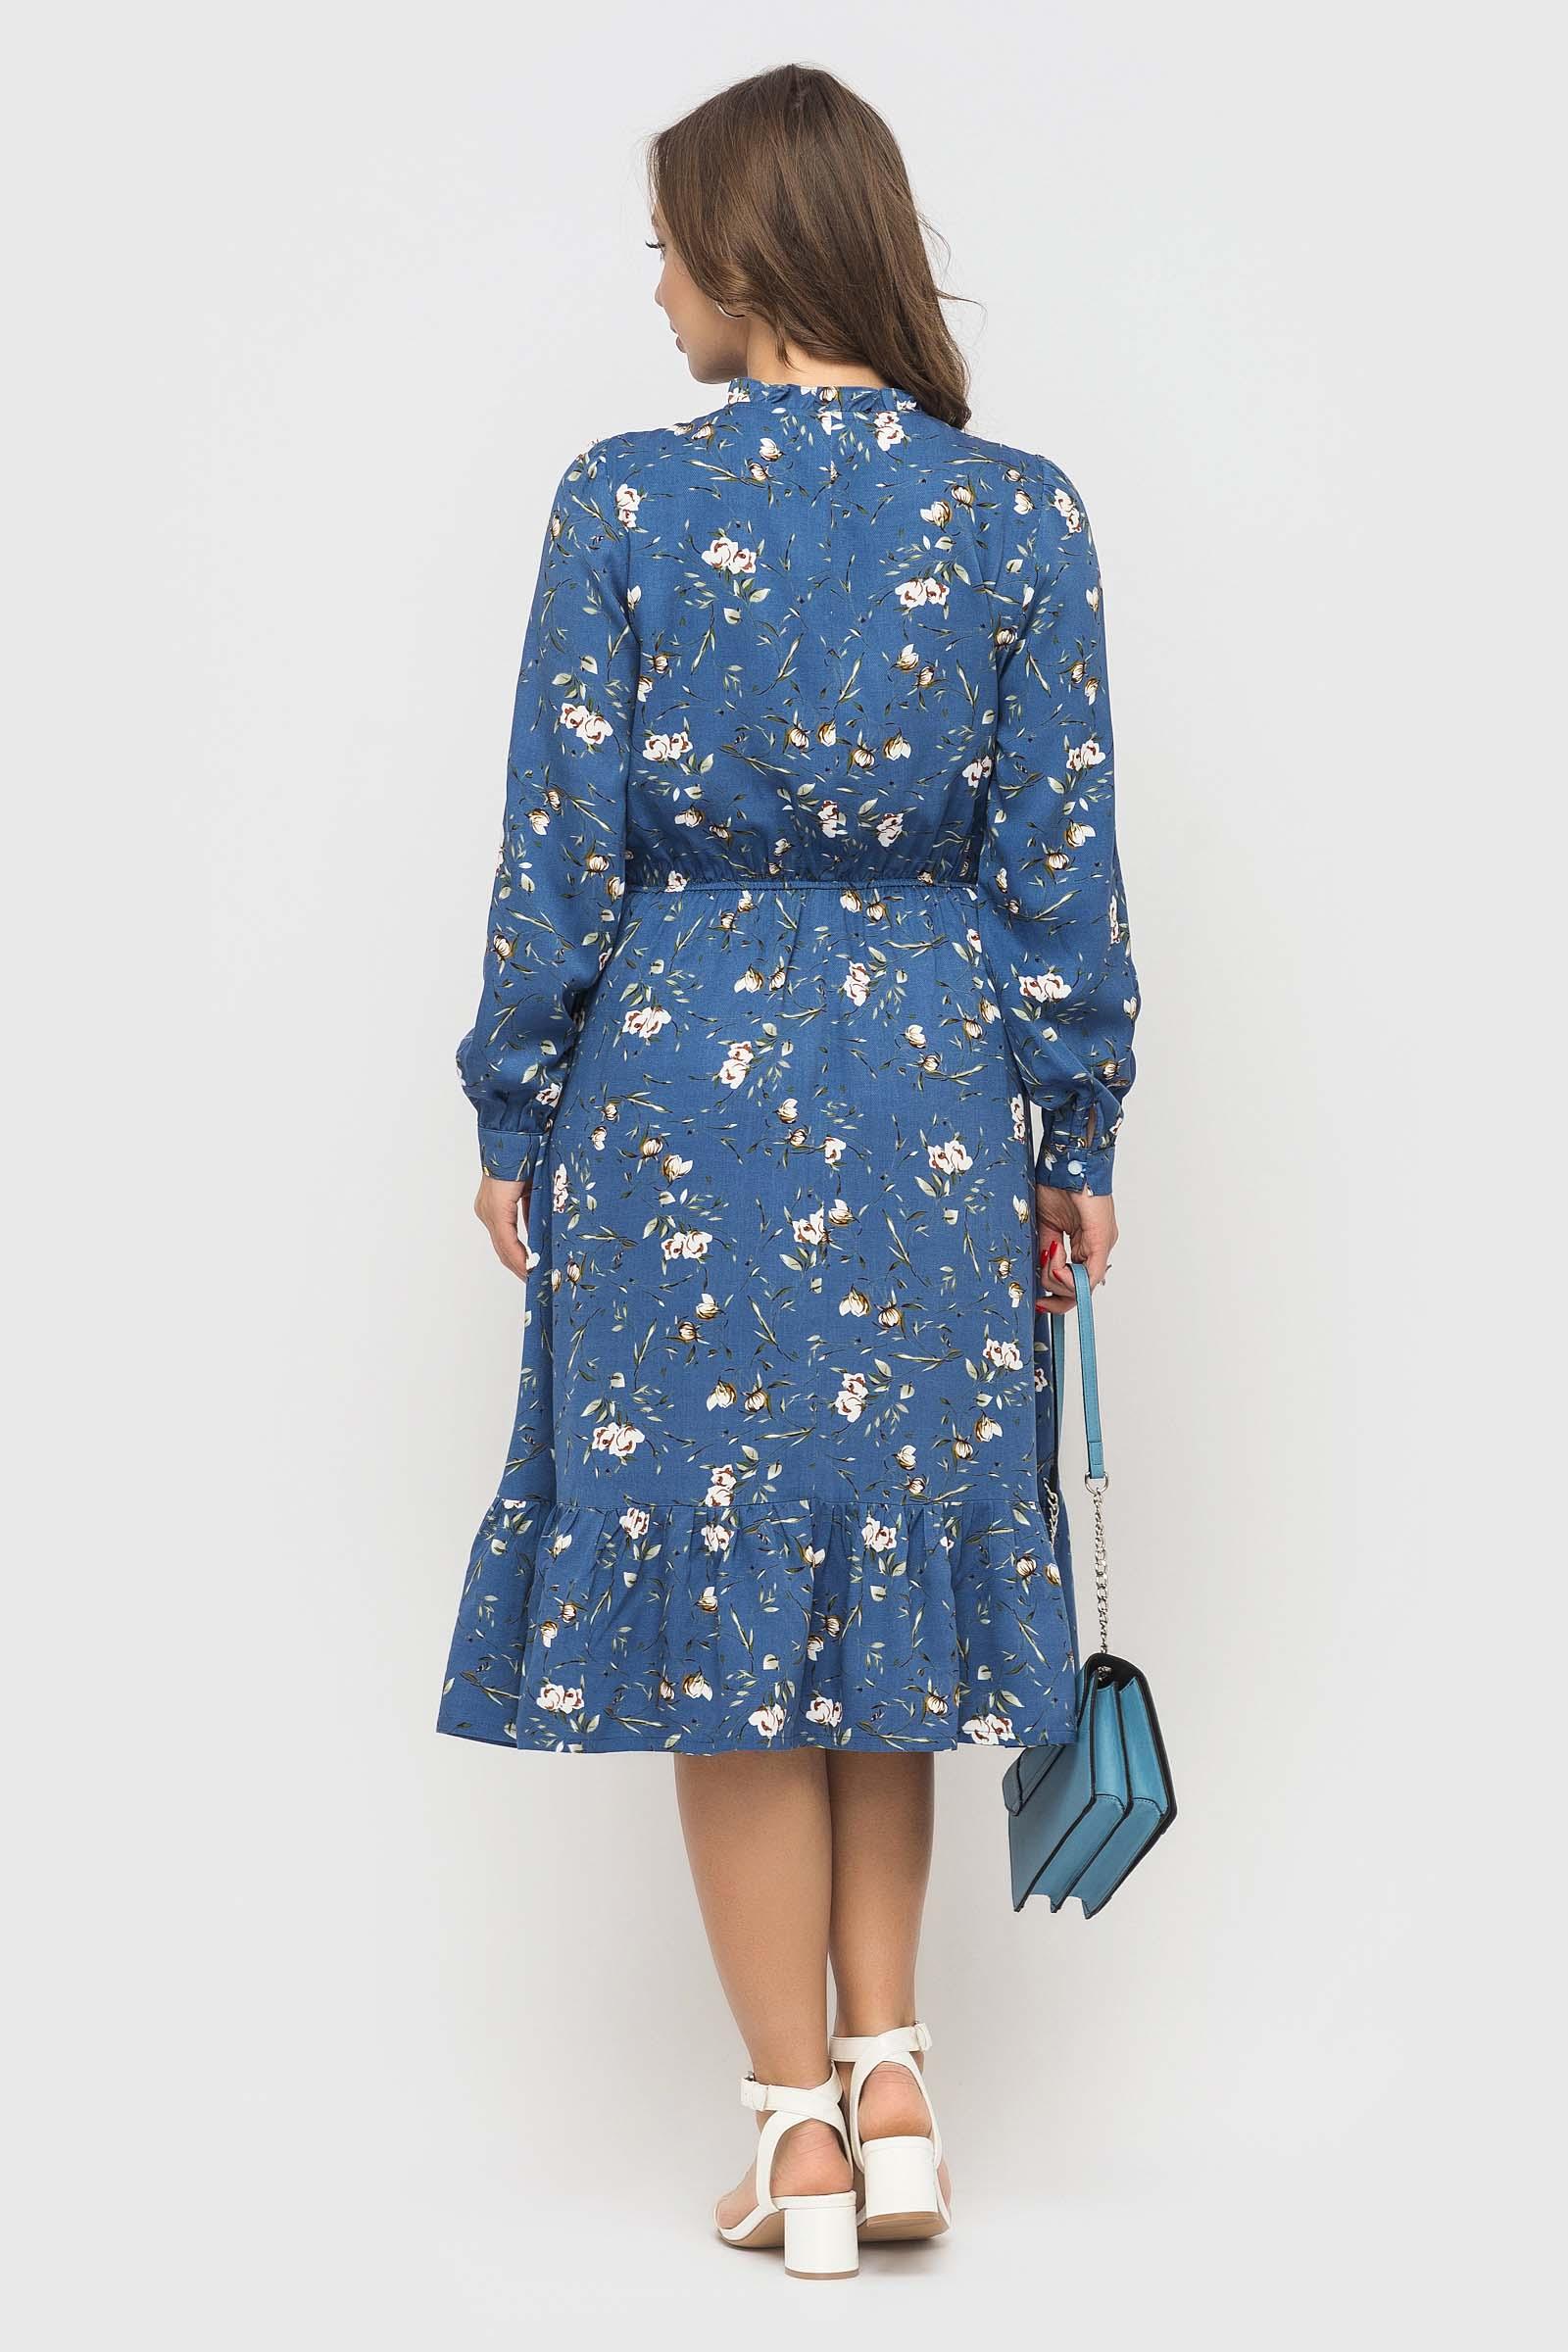 be art 2020 04 07182384 Купить платье